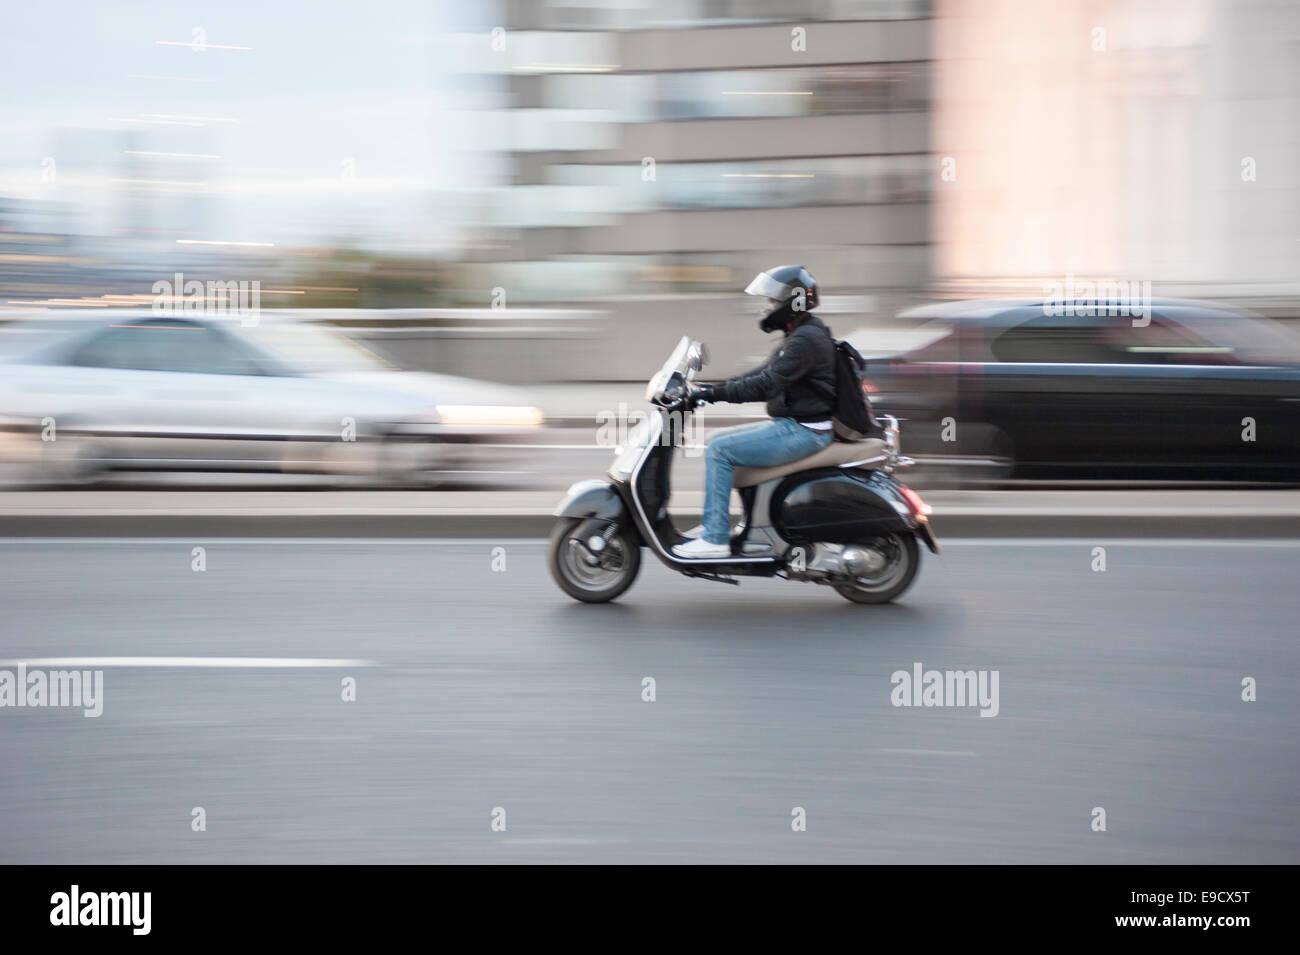 Un uomo su uno scooter con motion blur, London, Regno Unito Immagini Stock